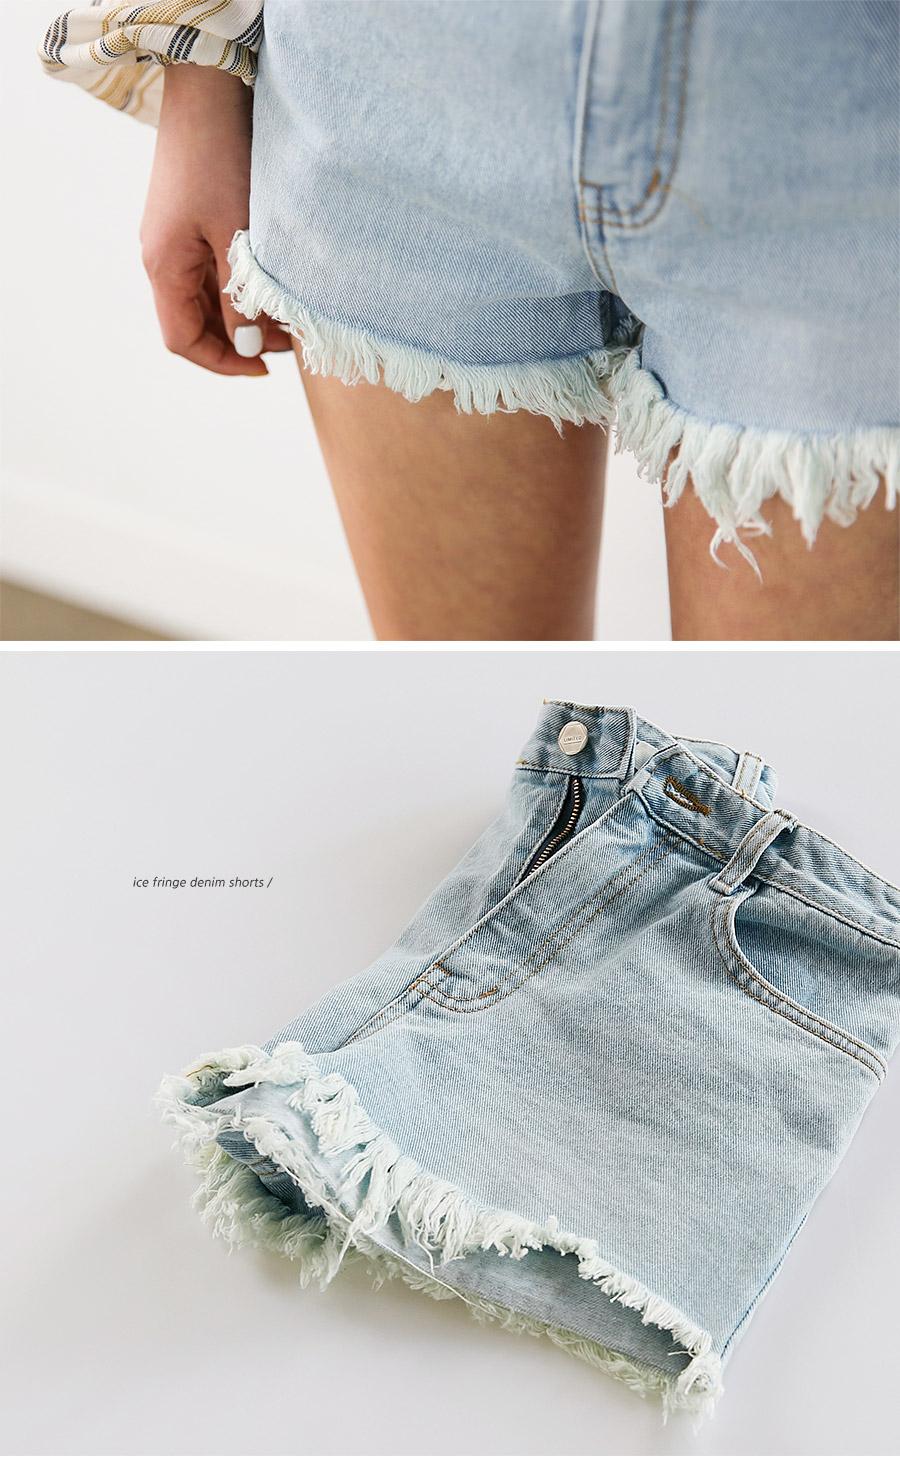 ice fringe denim shorts